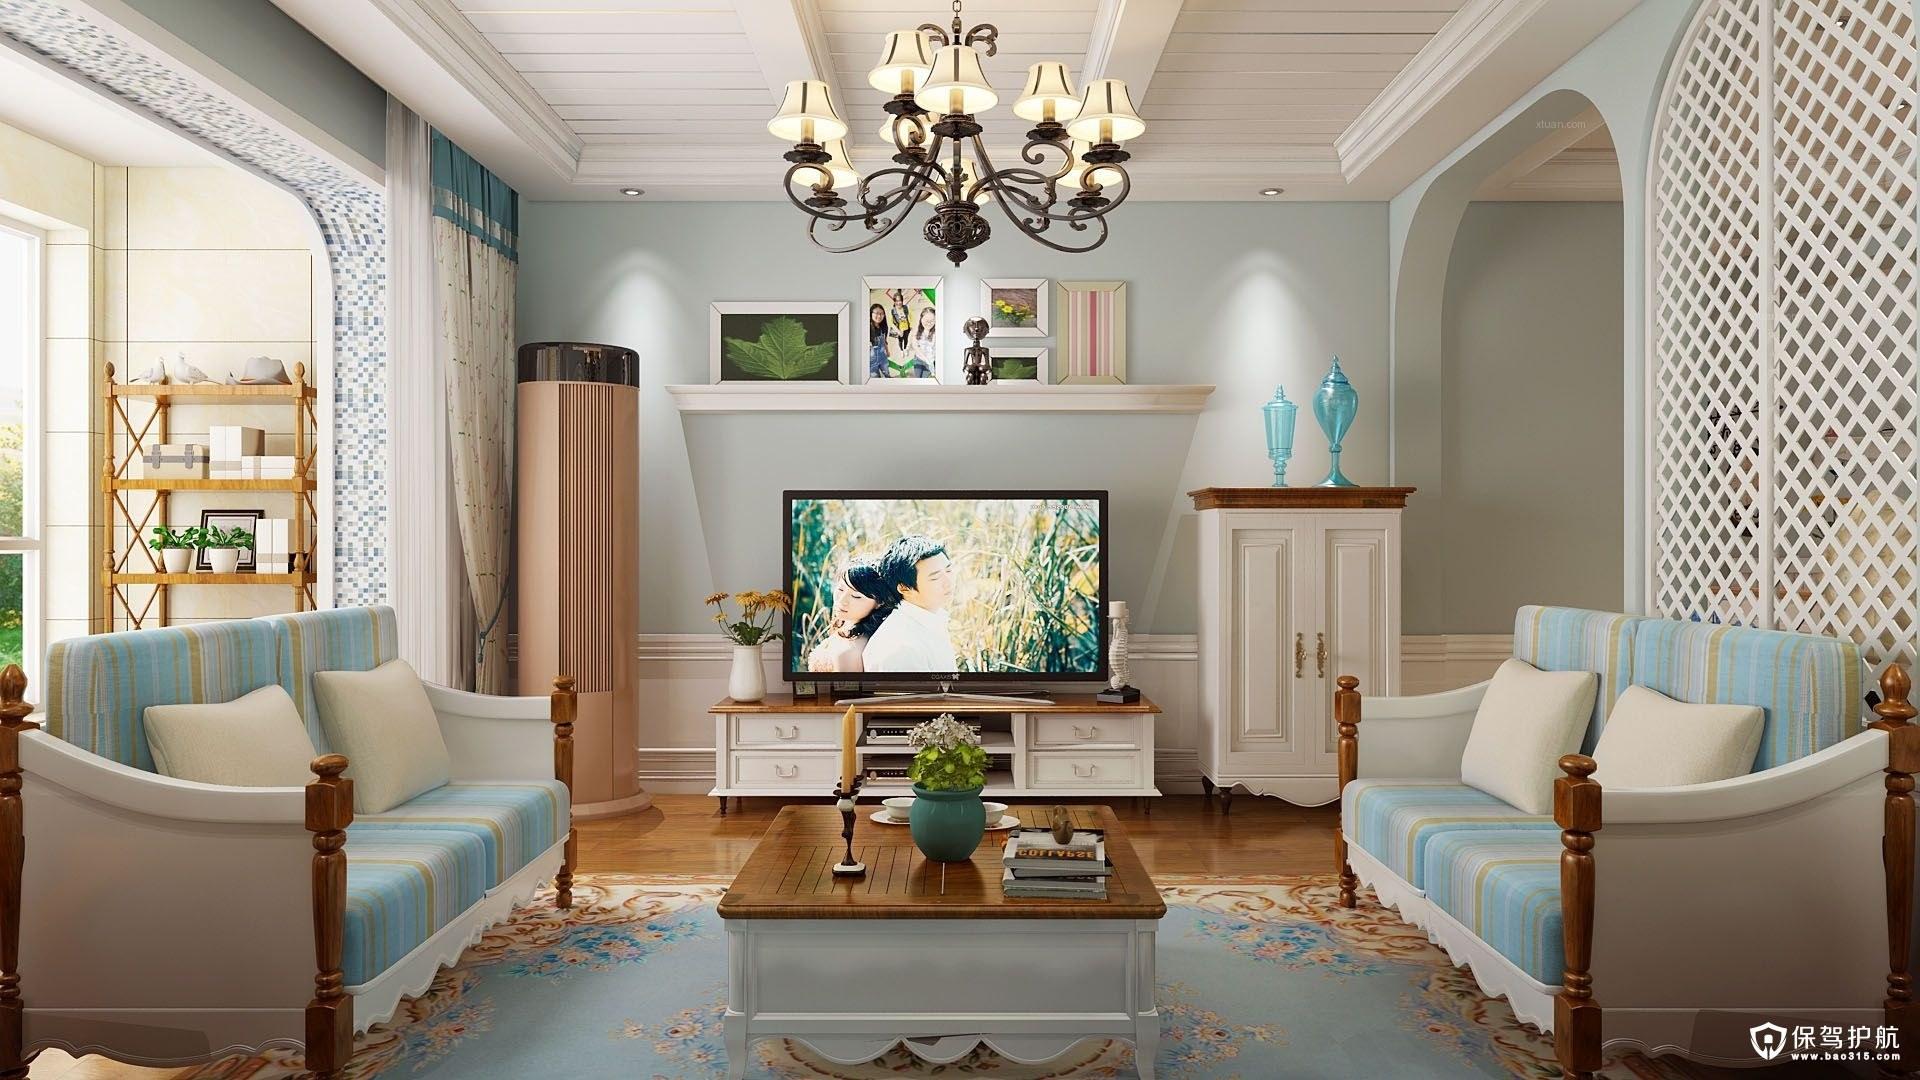 客厅的风水六宜七忌,客厅冰箱,沙发,装饰画应如何摆放图片